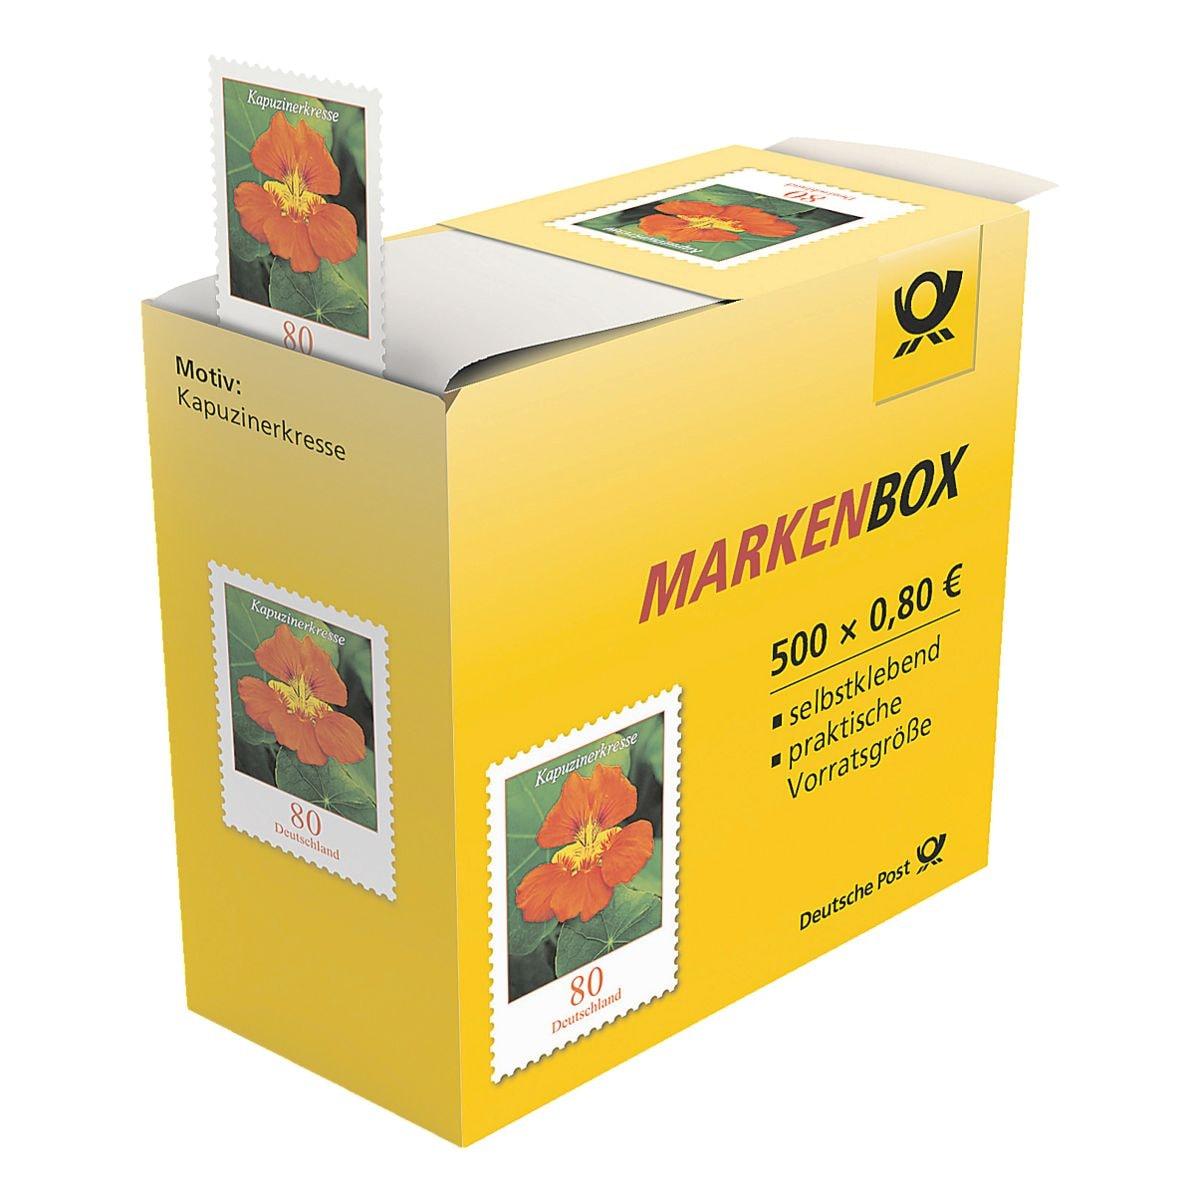 Deutsche Post Markenbox Kapuzinerkresse, 500x Briefmarke im Abrollspender zu 0,80 € selbstklebend